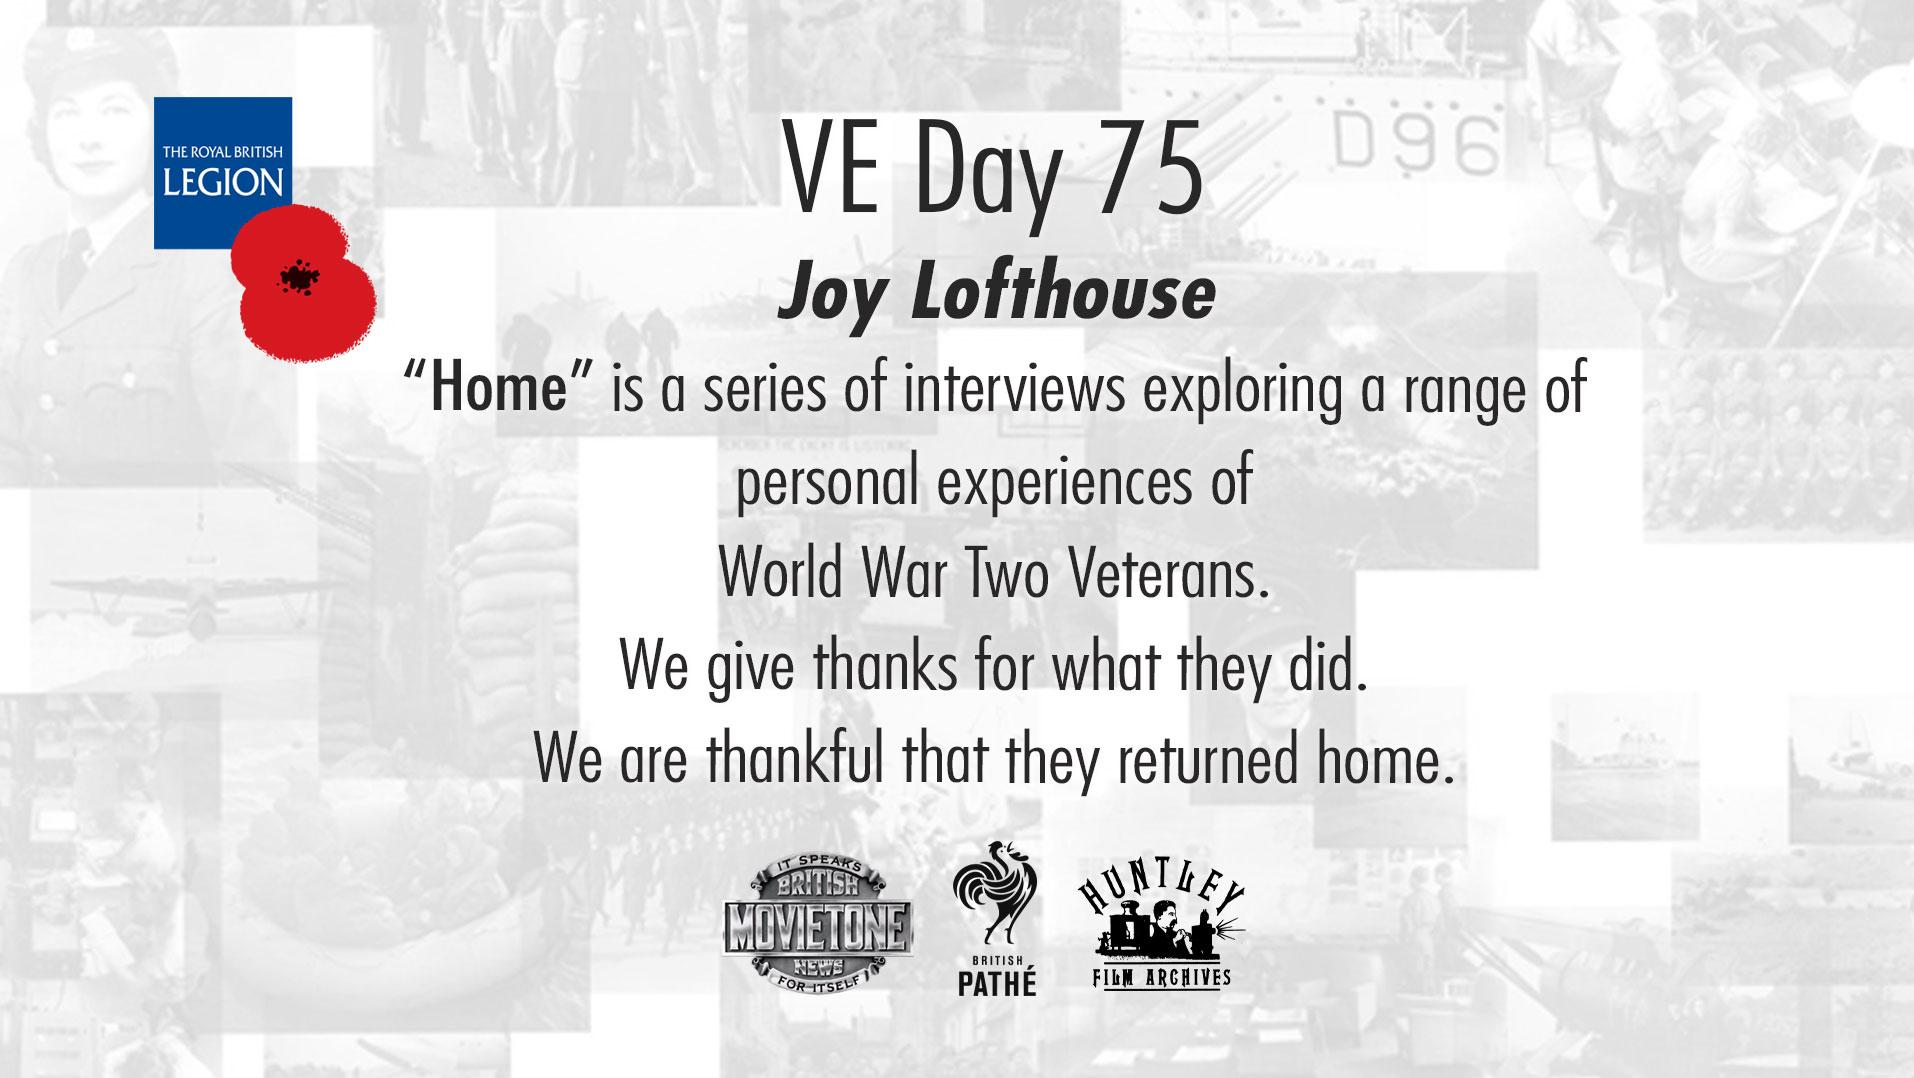 Joy Lofthouse